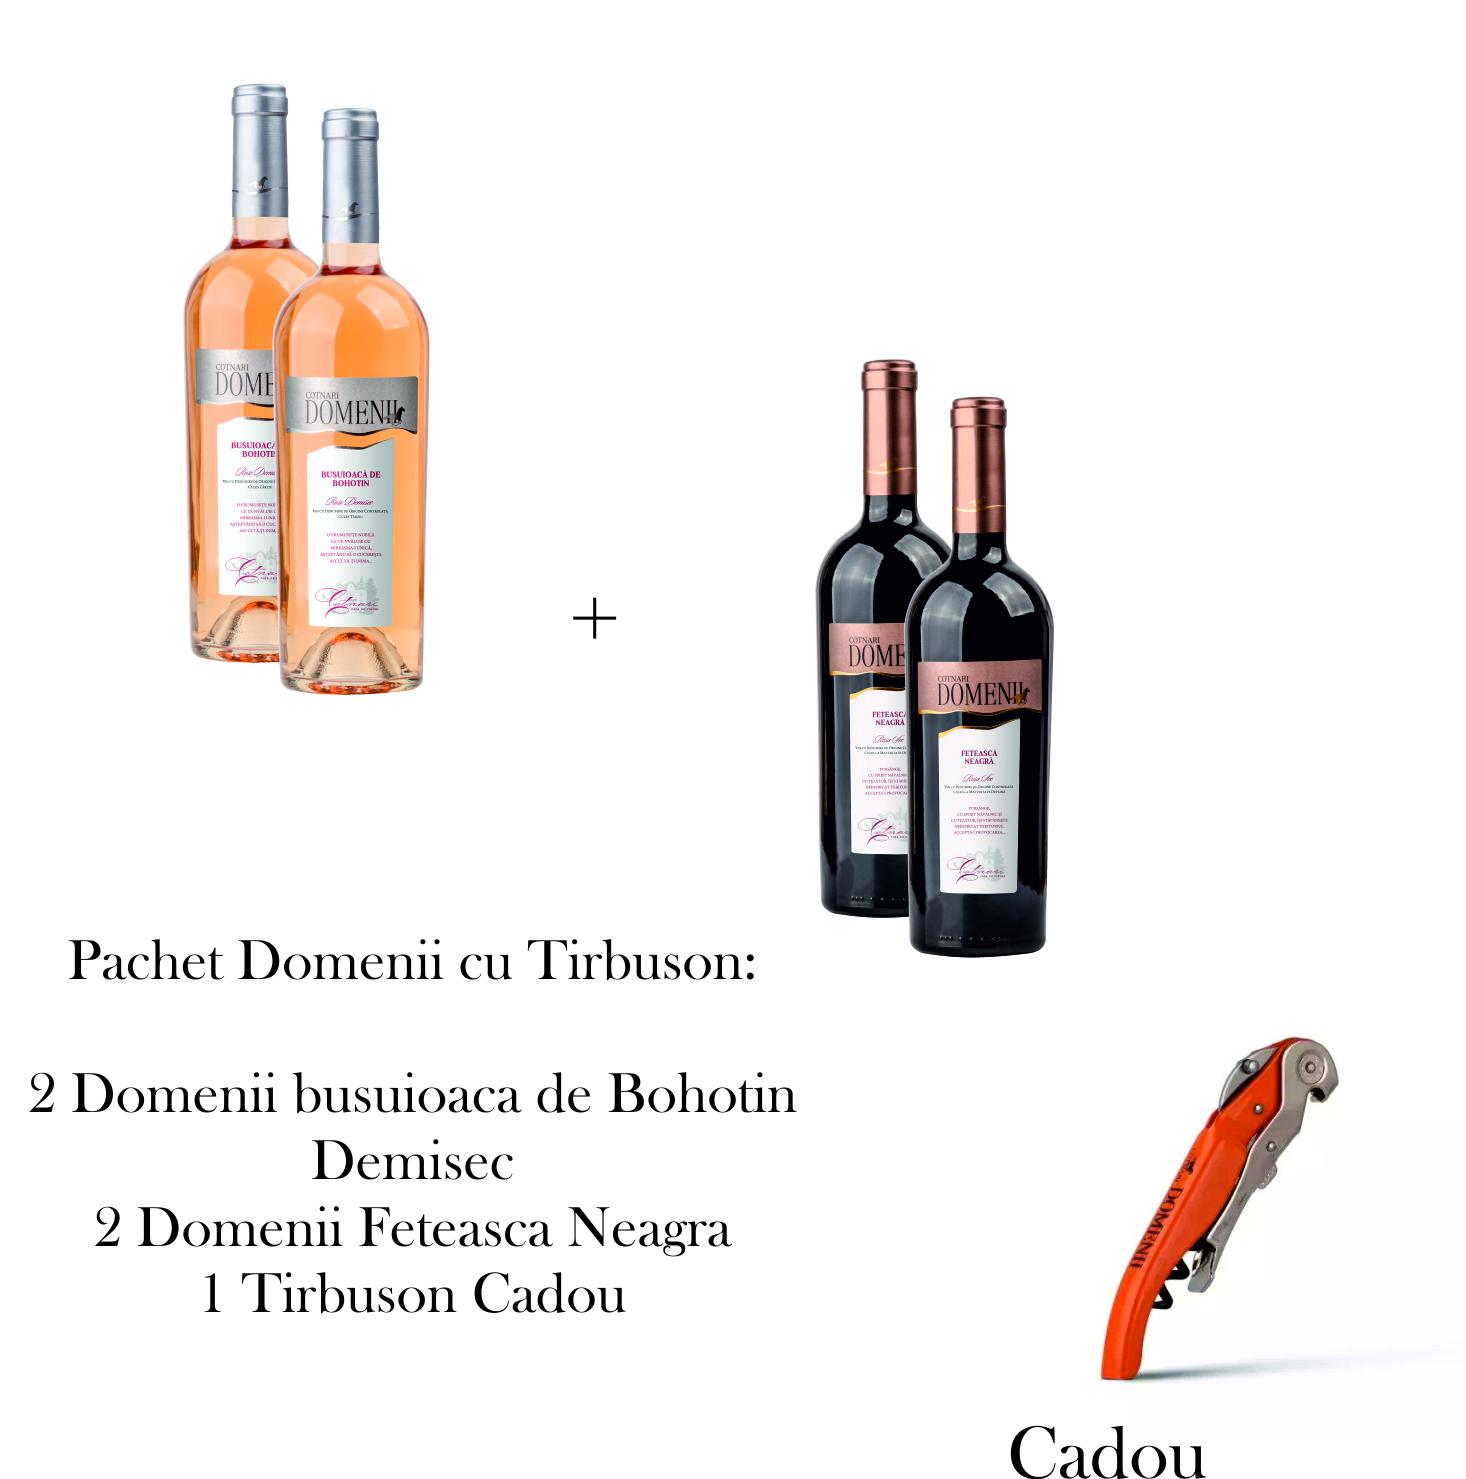 PACHET DOMENII CU TIRBUSON